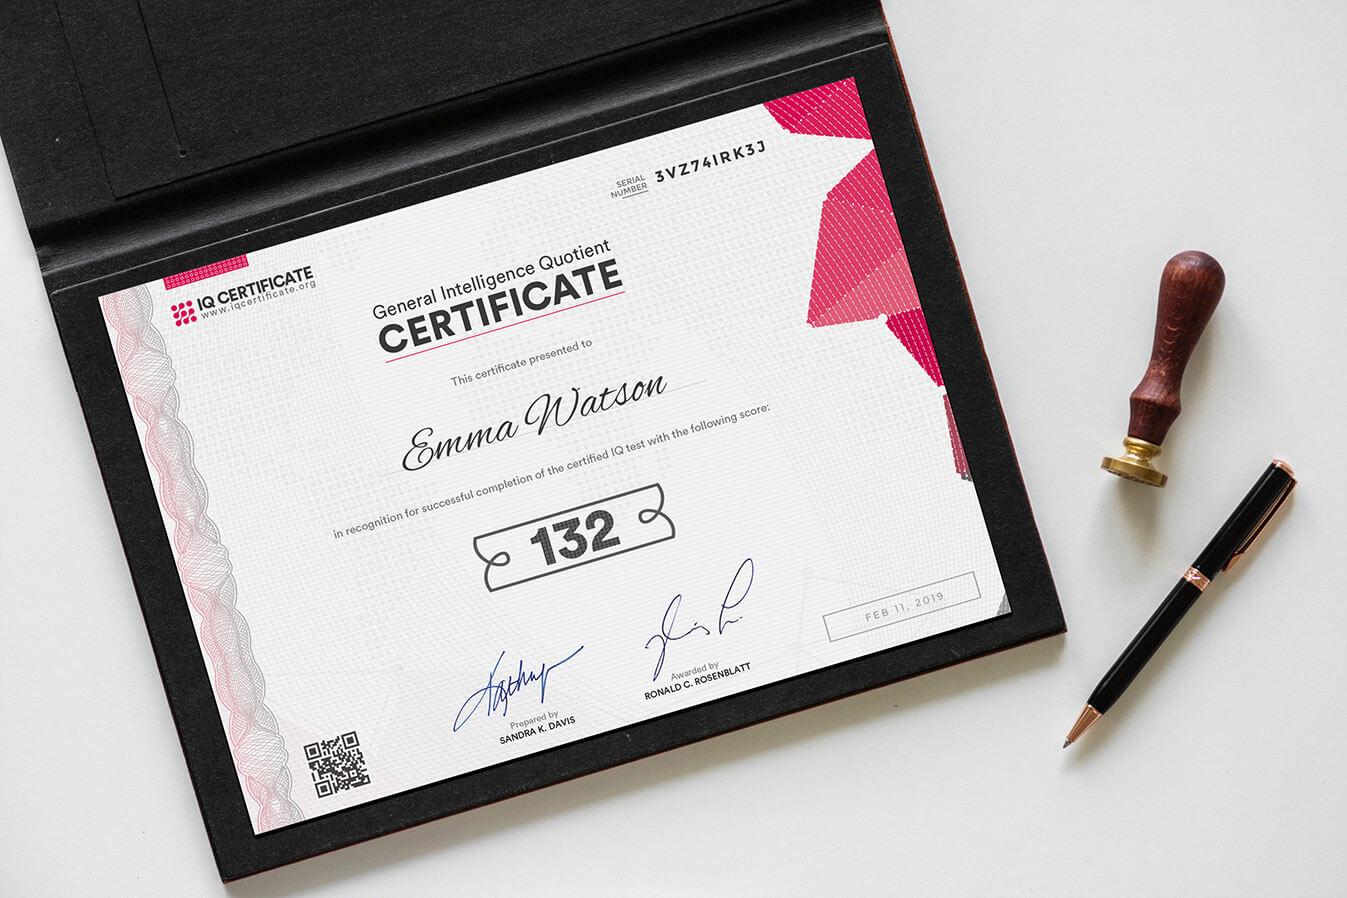 Sample Iq Certificate - Get Your Iq Certificate! Inside Iq Certificate Template